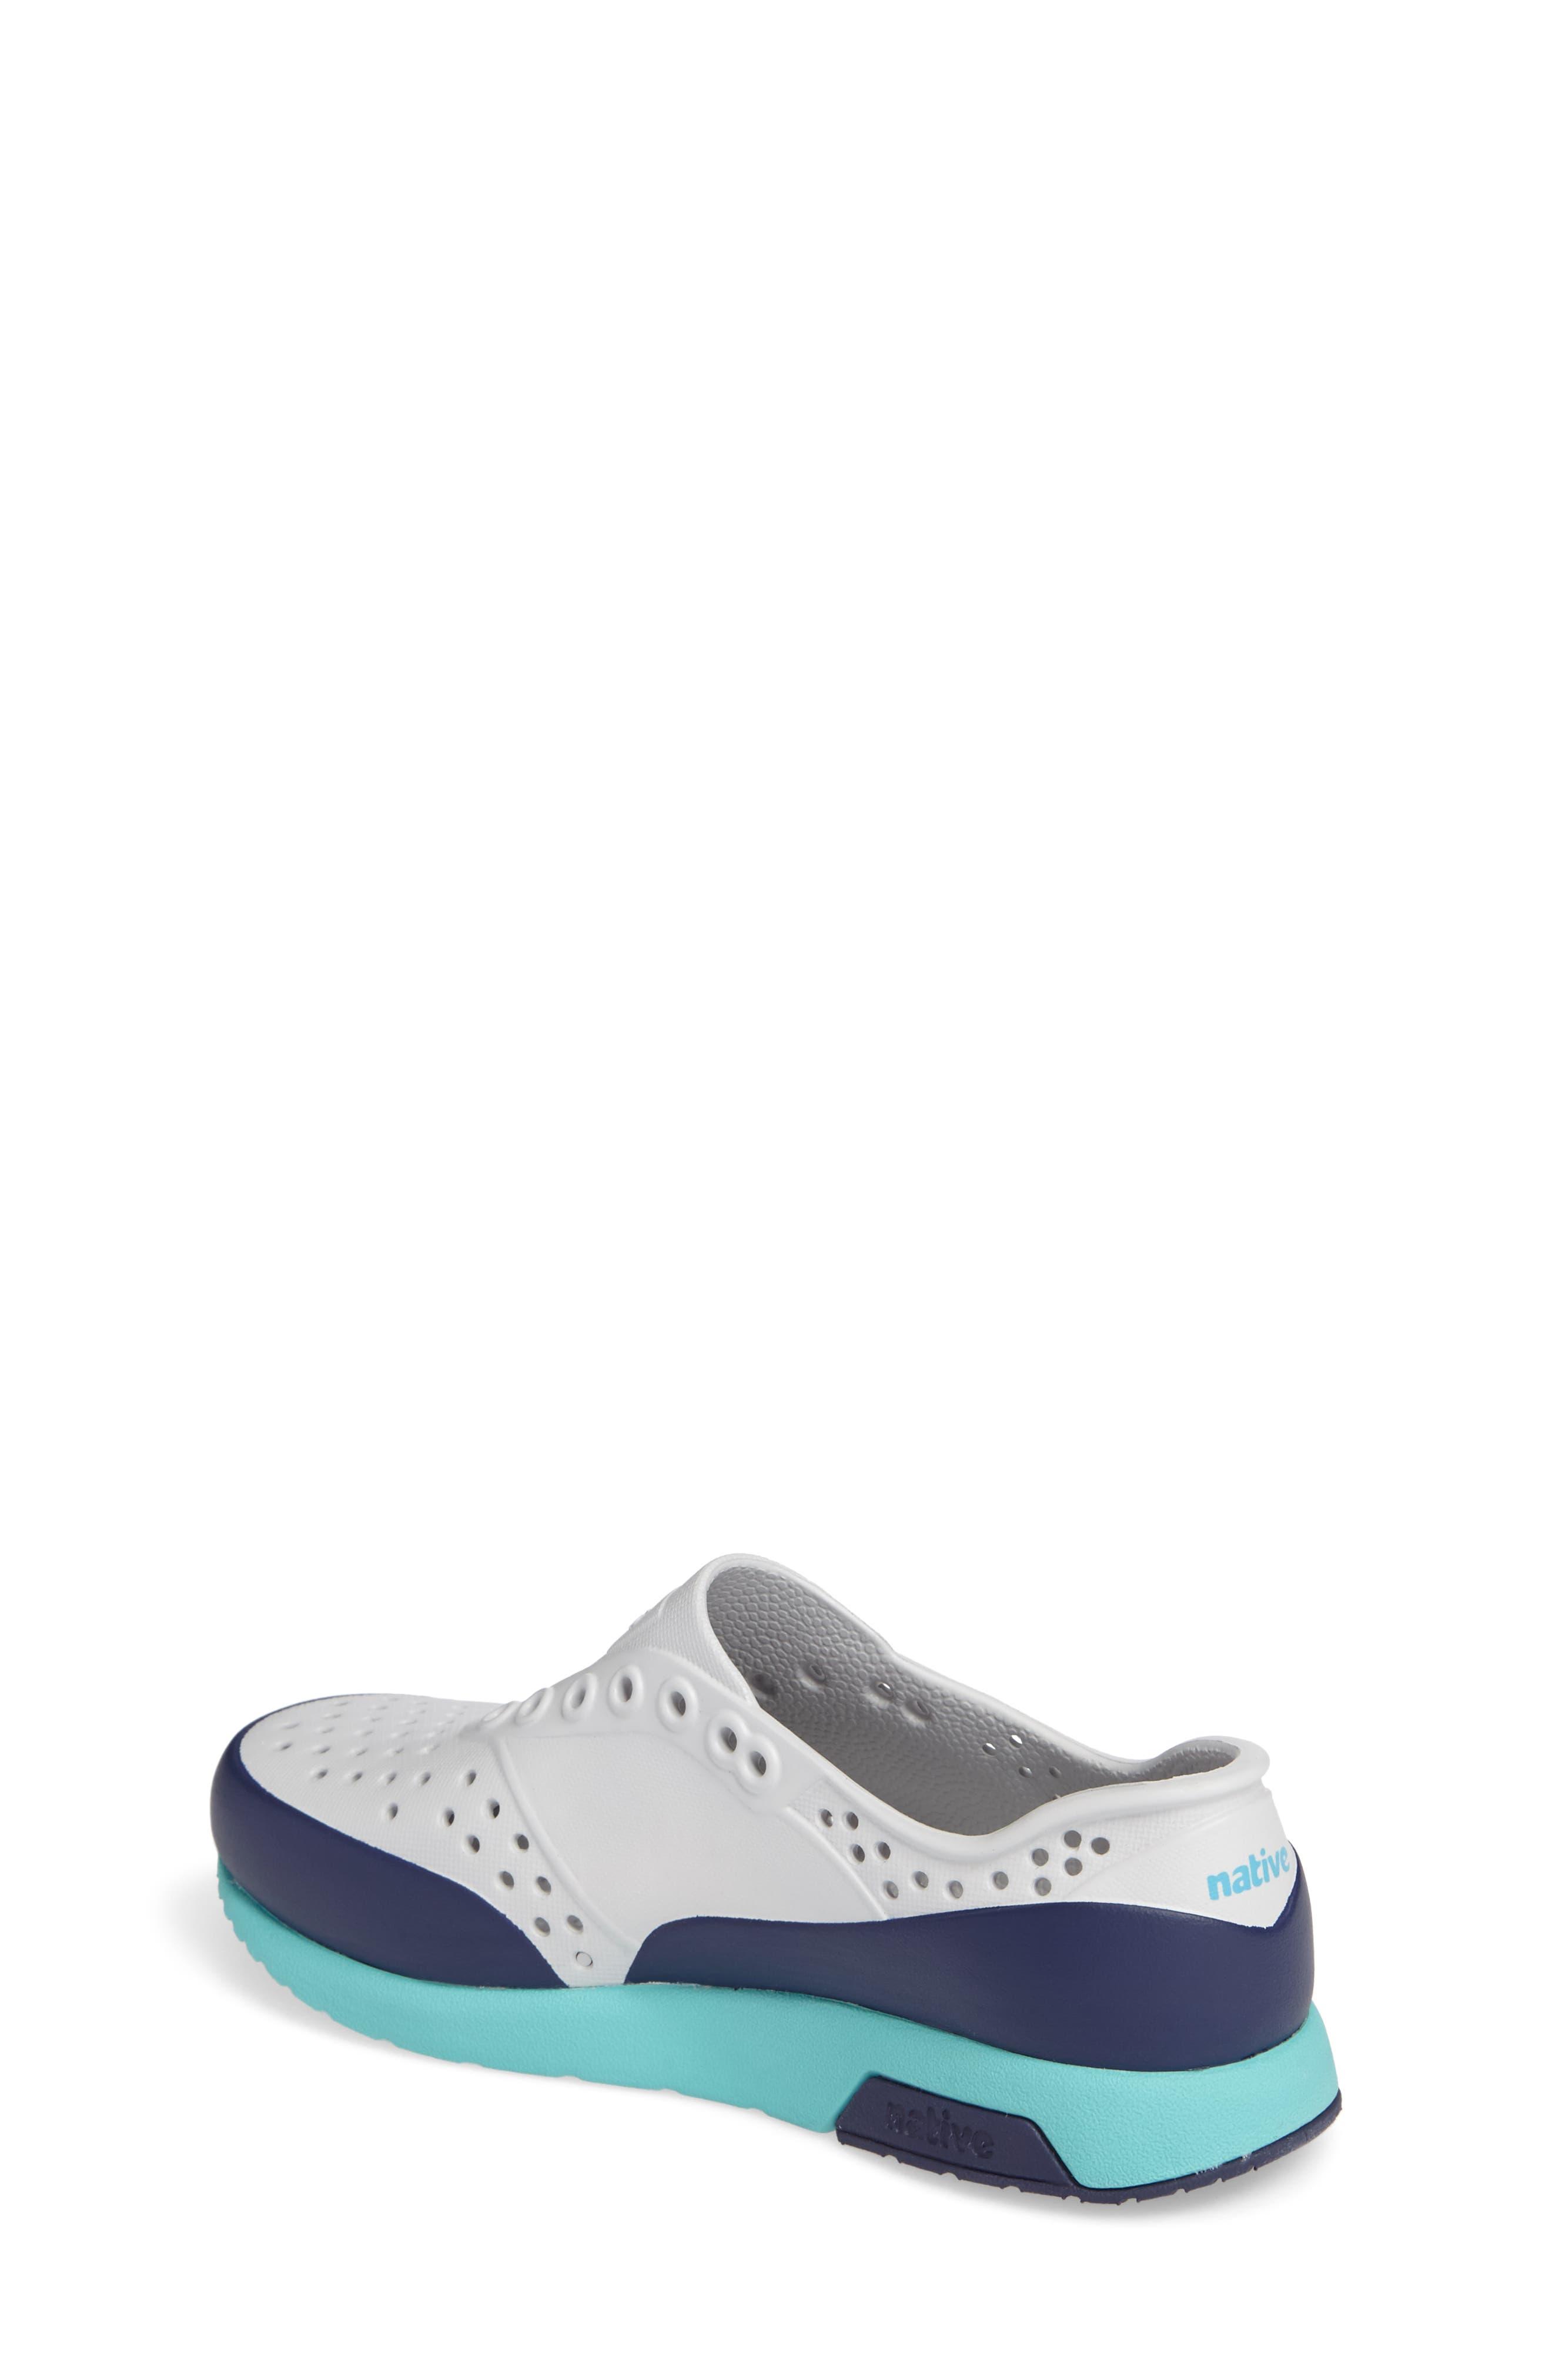 Alternate Image 2  - Native Shoes Lennox Block Slip-On Sneaker (Baby, Walker, Toddler & Little Kid)